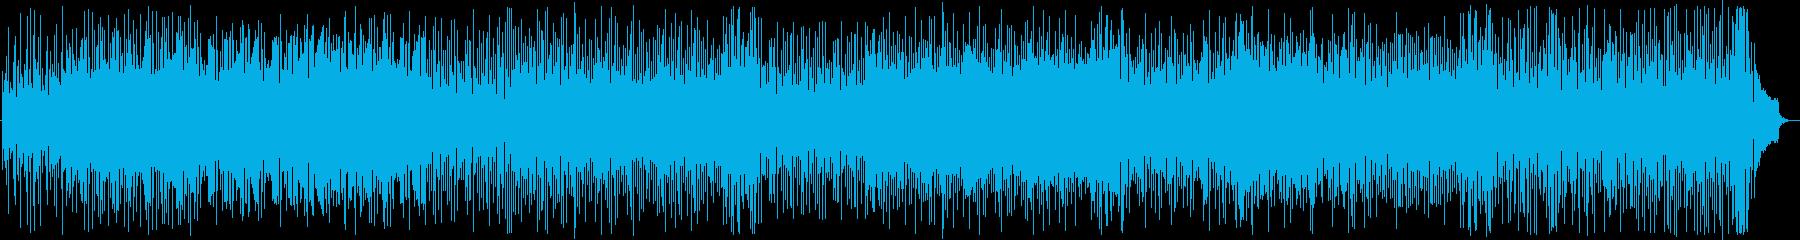 エネルギッシュなポップバラード。ワ...の再生済みの波形